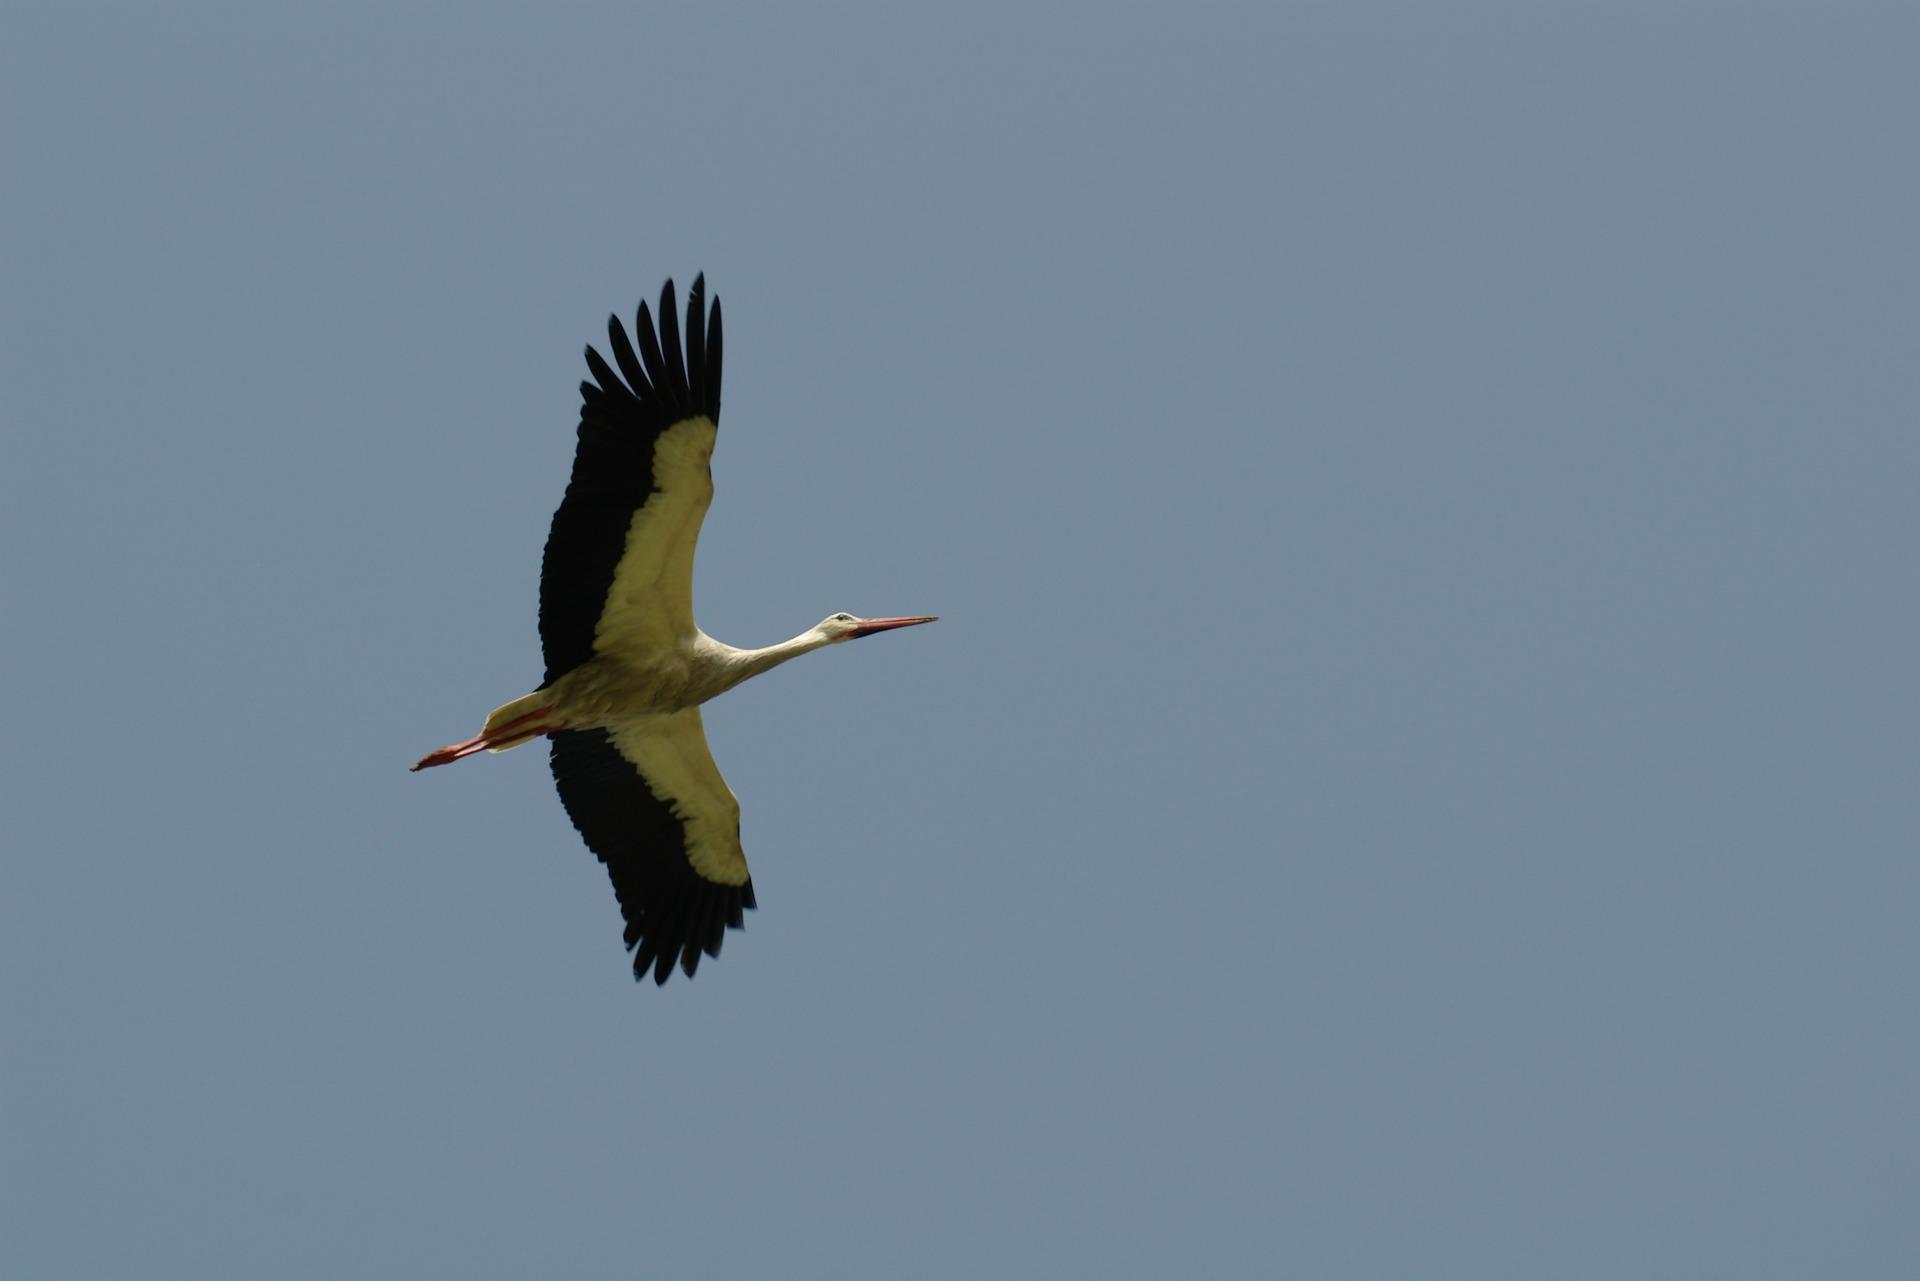 Pescoço comprido, corpo branco com as extremidades das asas pretas, patas e bico compridos e vermelhos. © A.Sousa/Ambiodiv, 2006 - Herdade do Freixo do Meio